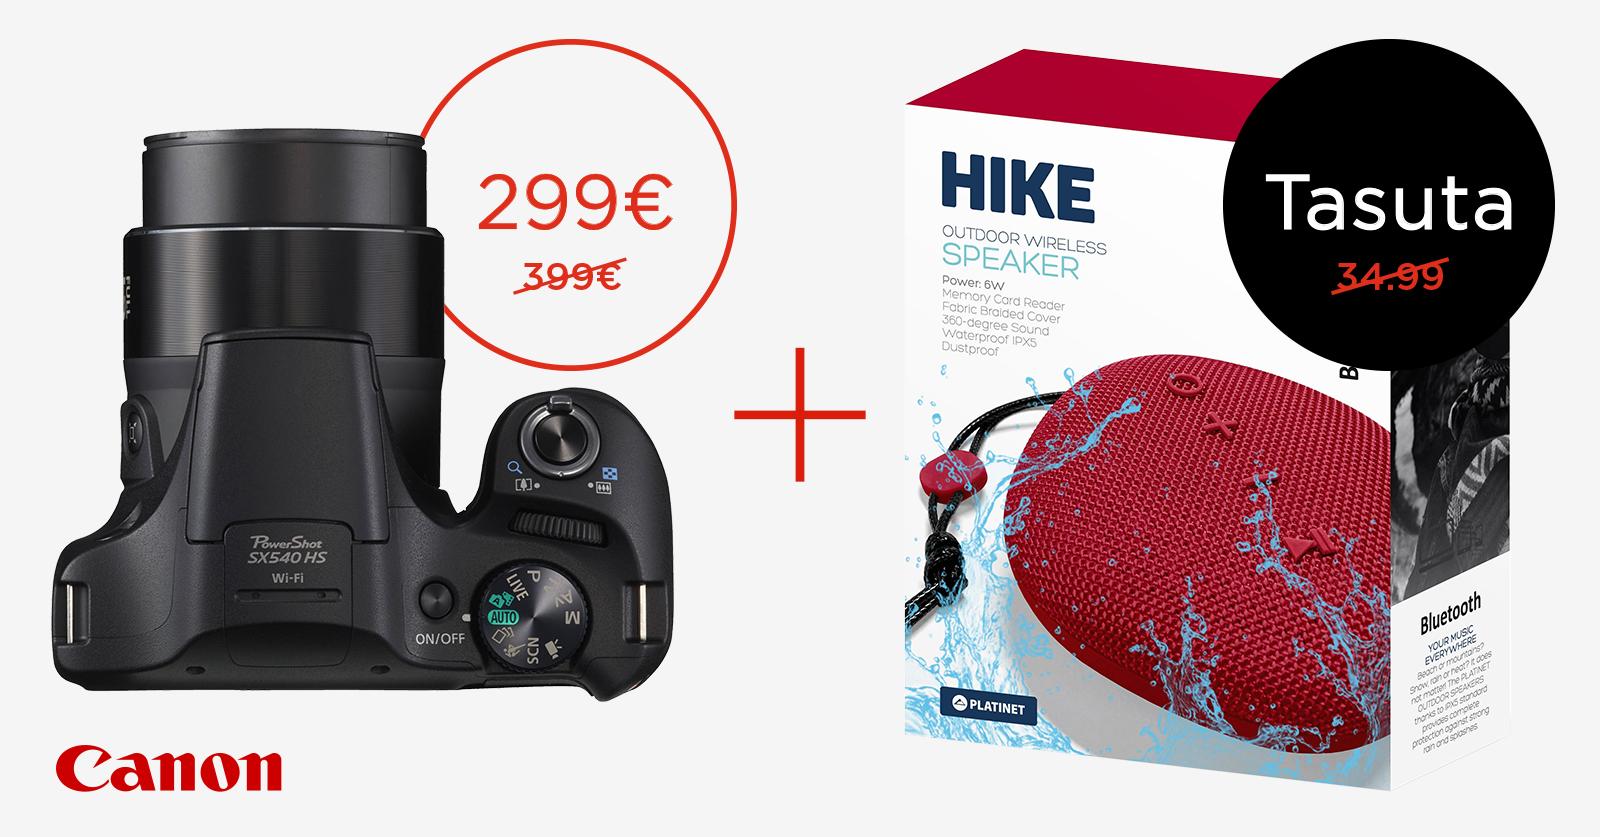 Valitud Canon PowerShot reisisuumid soodushinnaga + ostul praktiline kingitus